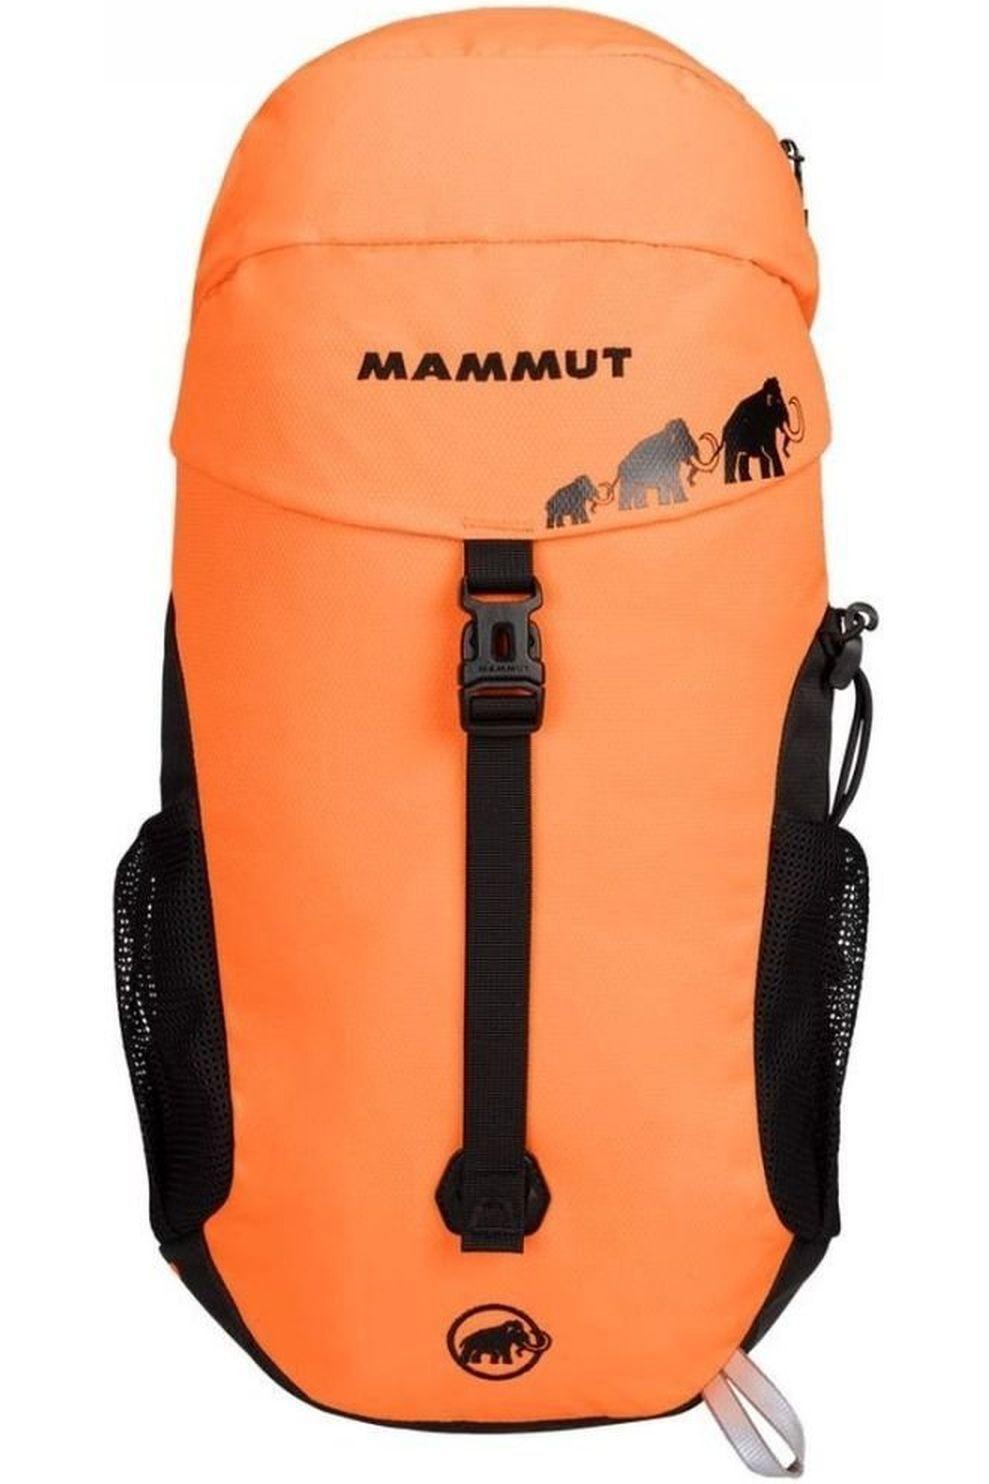 Mammut Dagrugzak First Trion voor kids - Oranje/Zwart